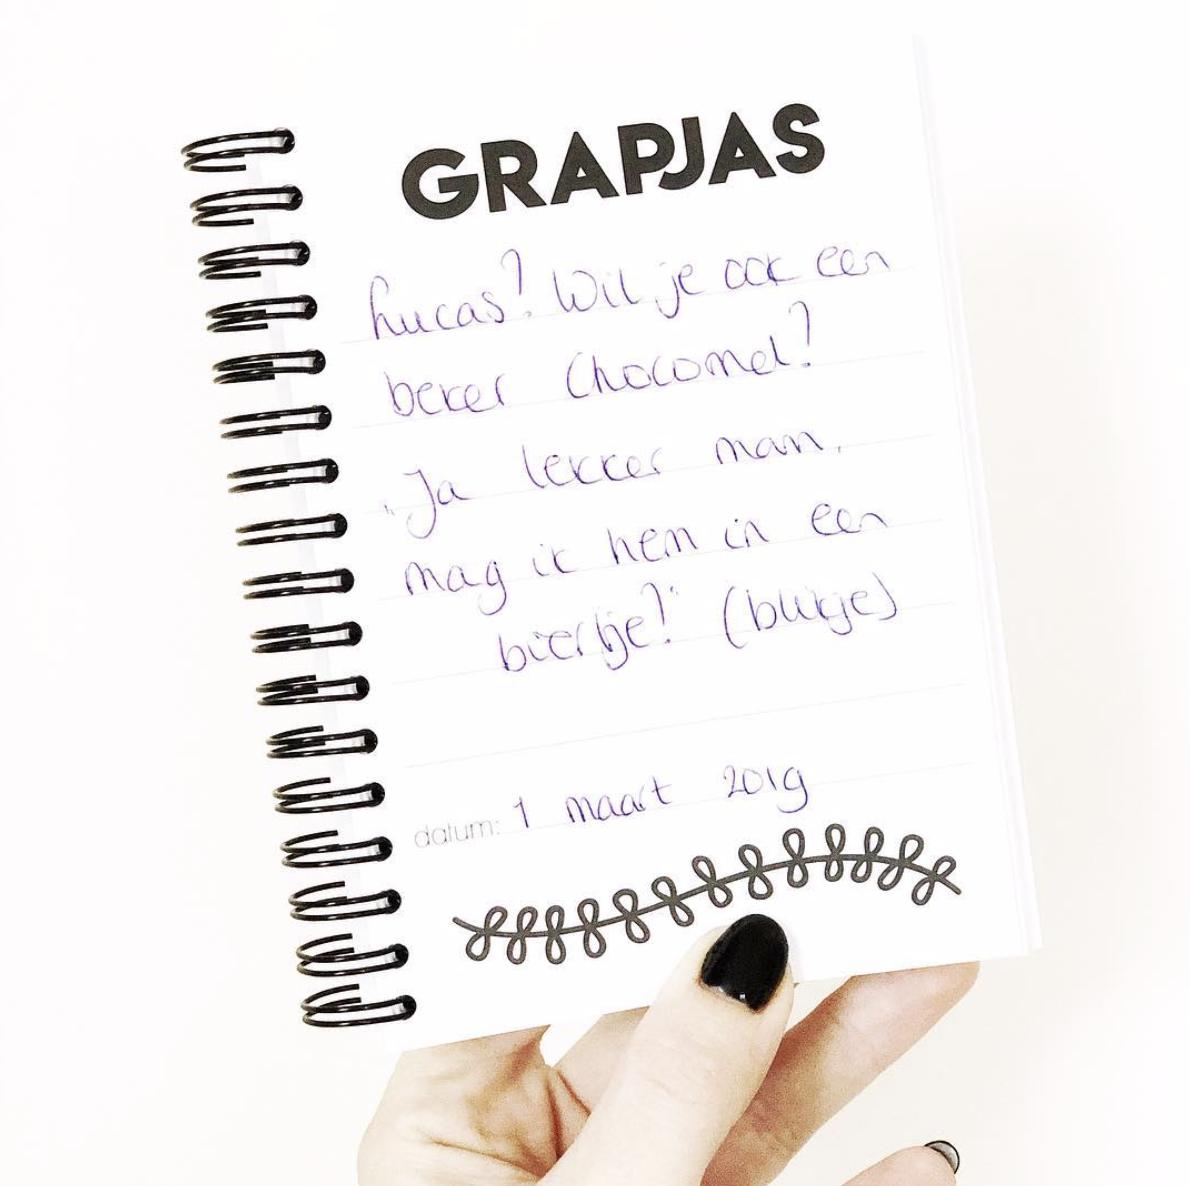 Grapjas uitsprakenboekje